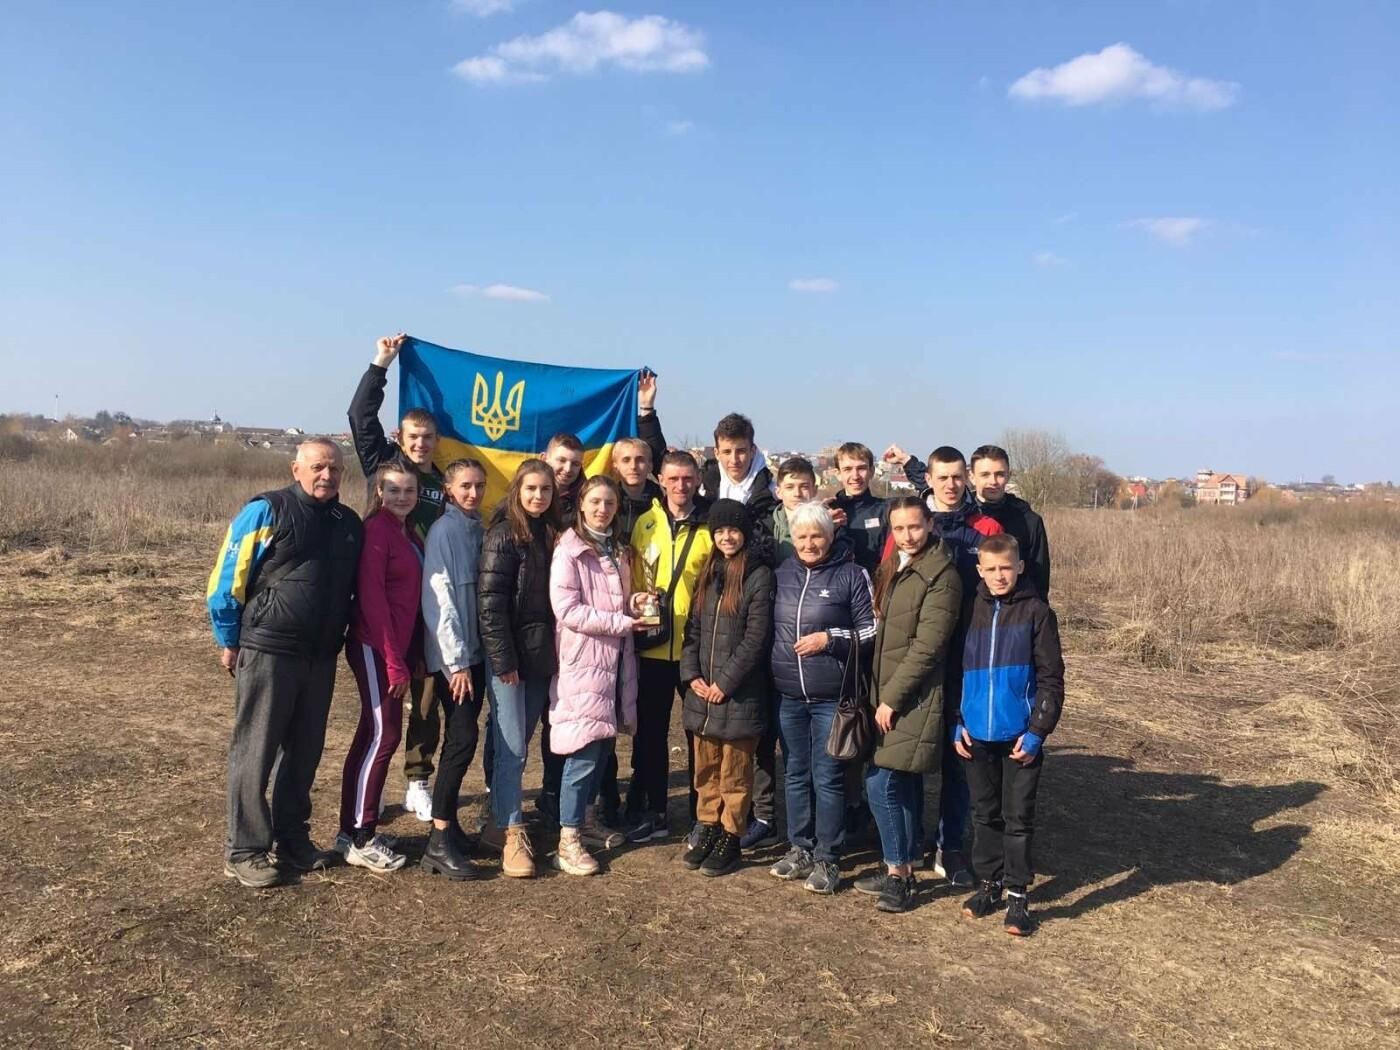 Хмельницькі легкоатлети здобули перемогу на чемпіонаті України, фото-1